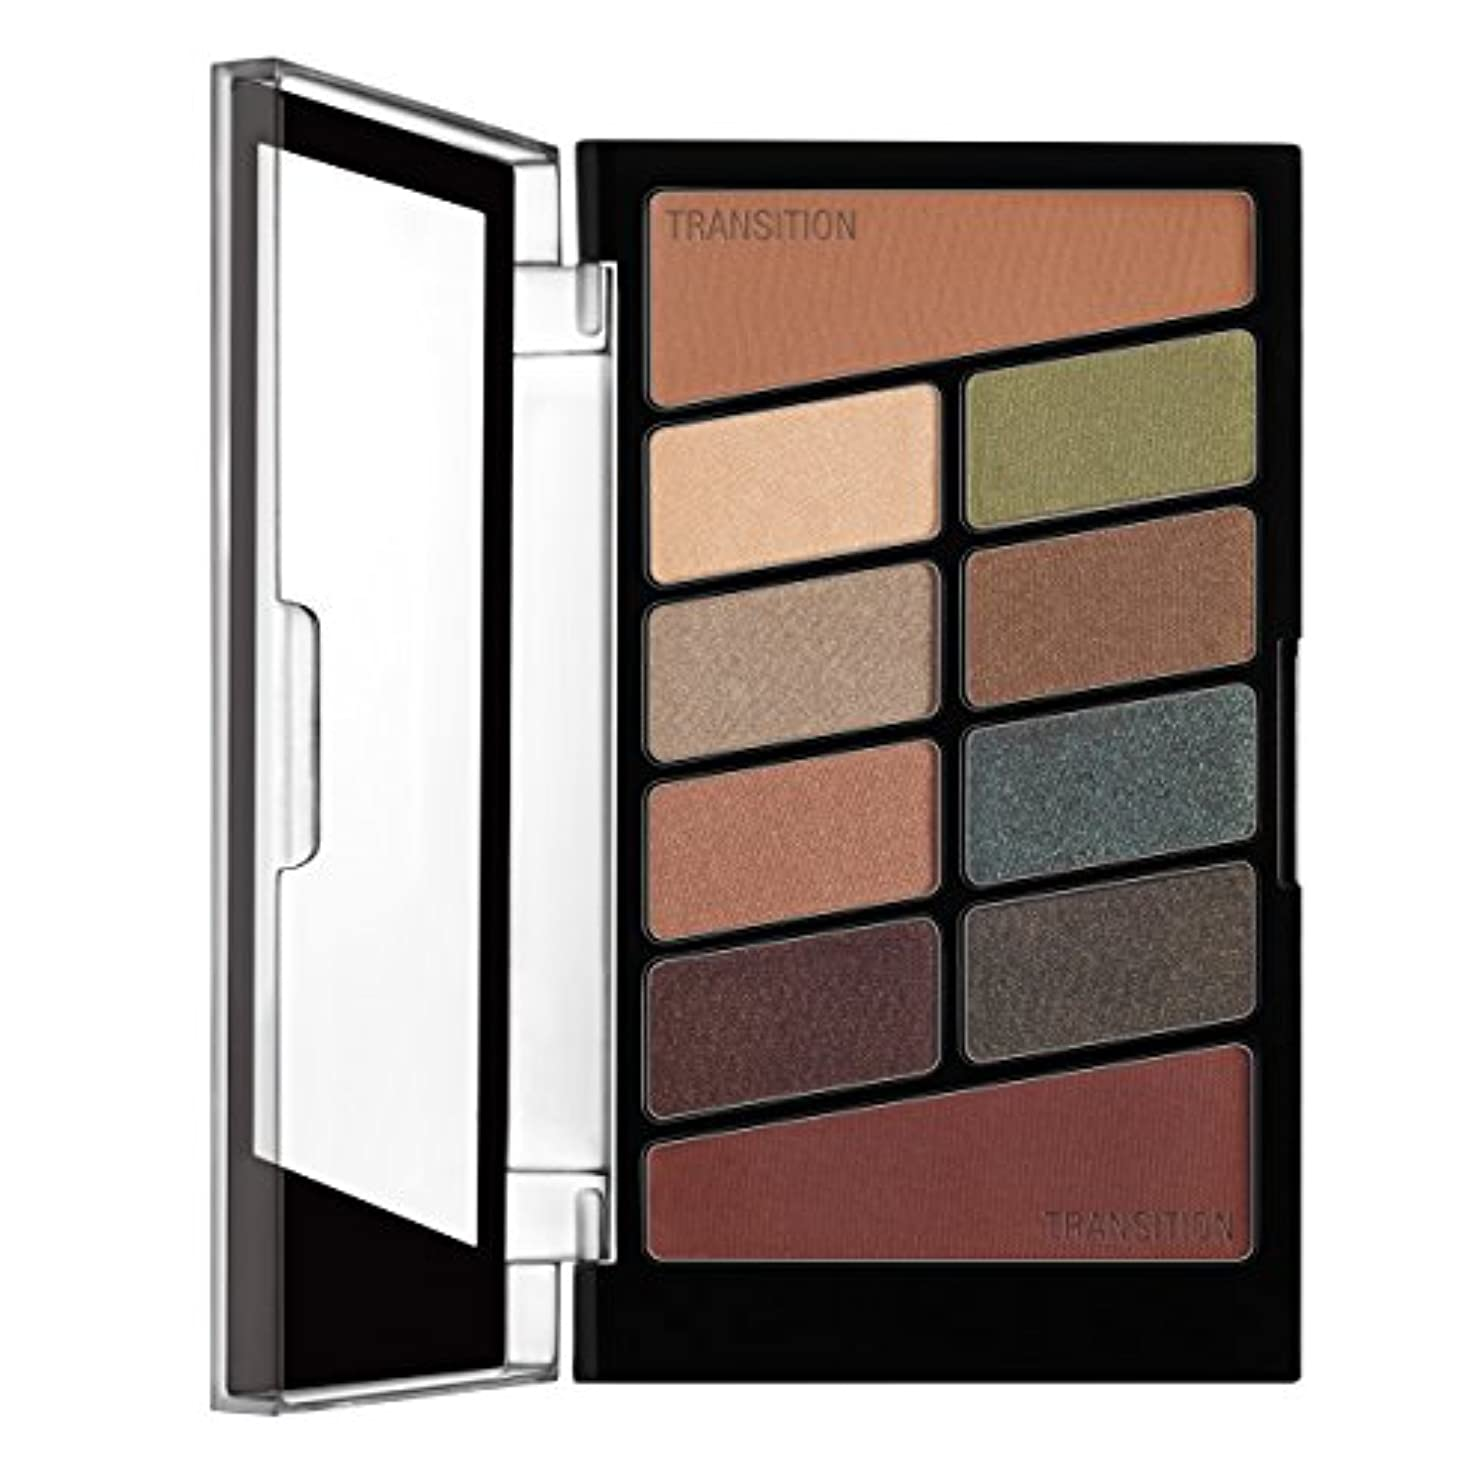 知性危険にさらされている不愉快にWET N WILD Color Icon Eyeshadow 10 Pan Palette - Comfort Zone (並行輸入品)